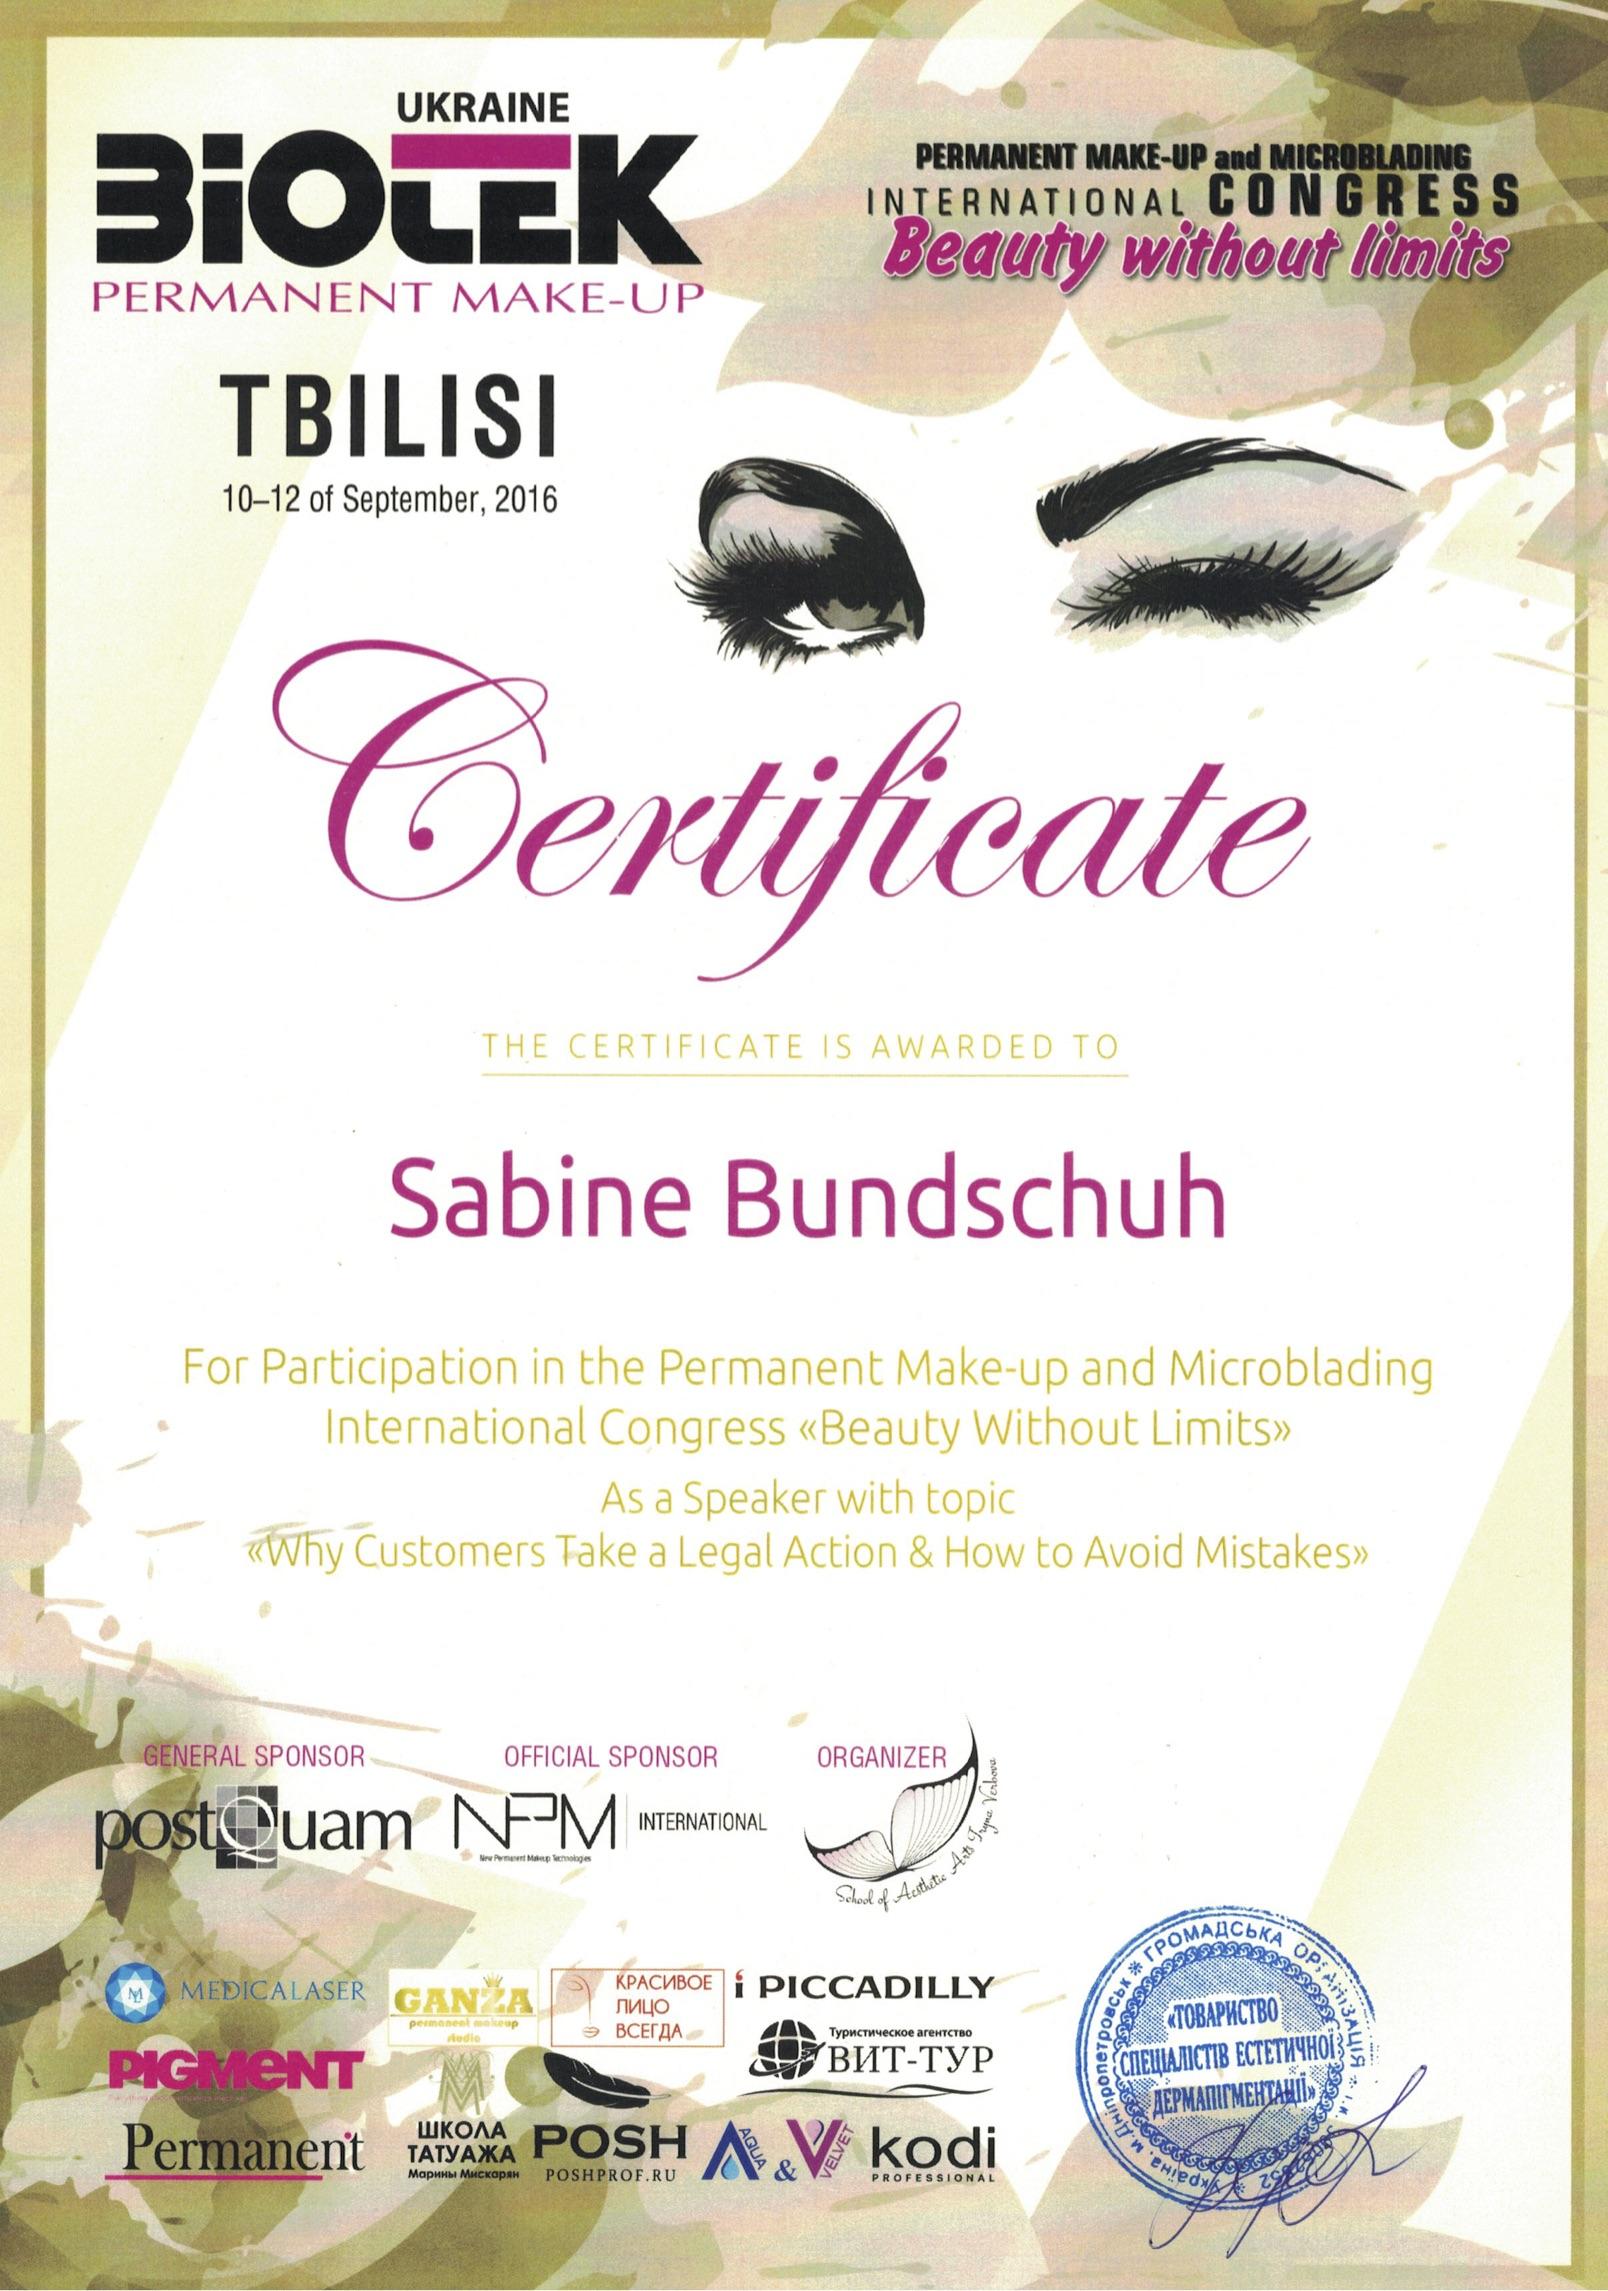 Sabine_Bundschuh_Speaker_for_Germany